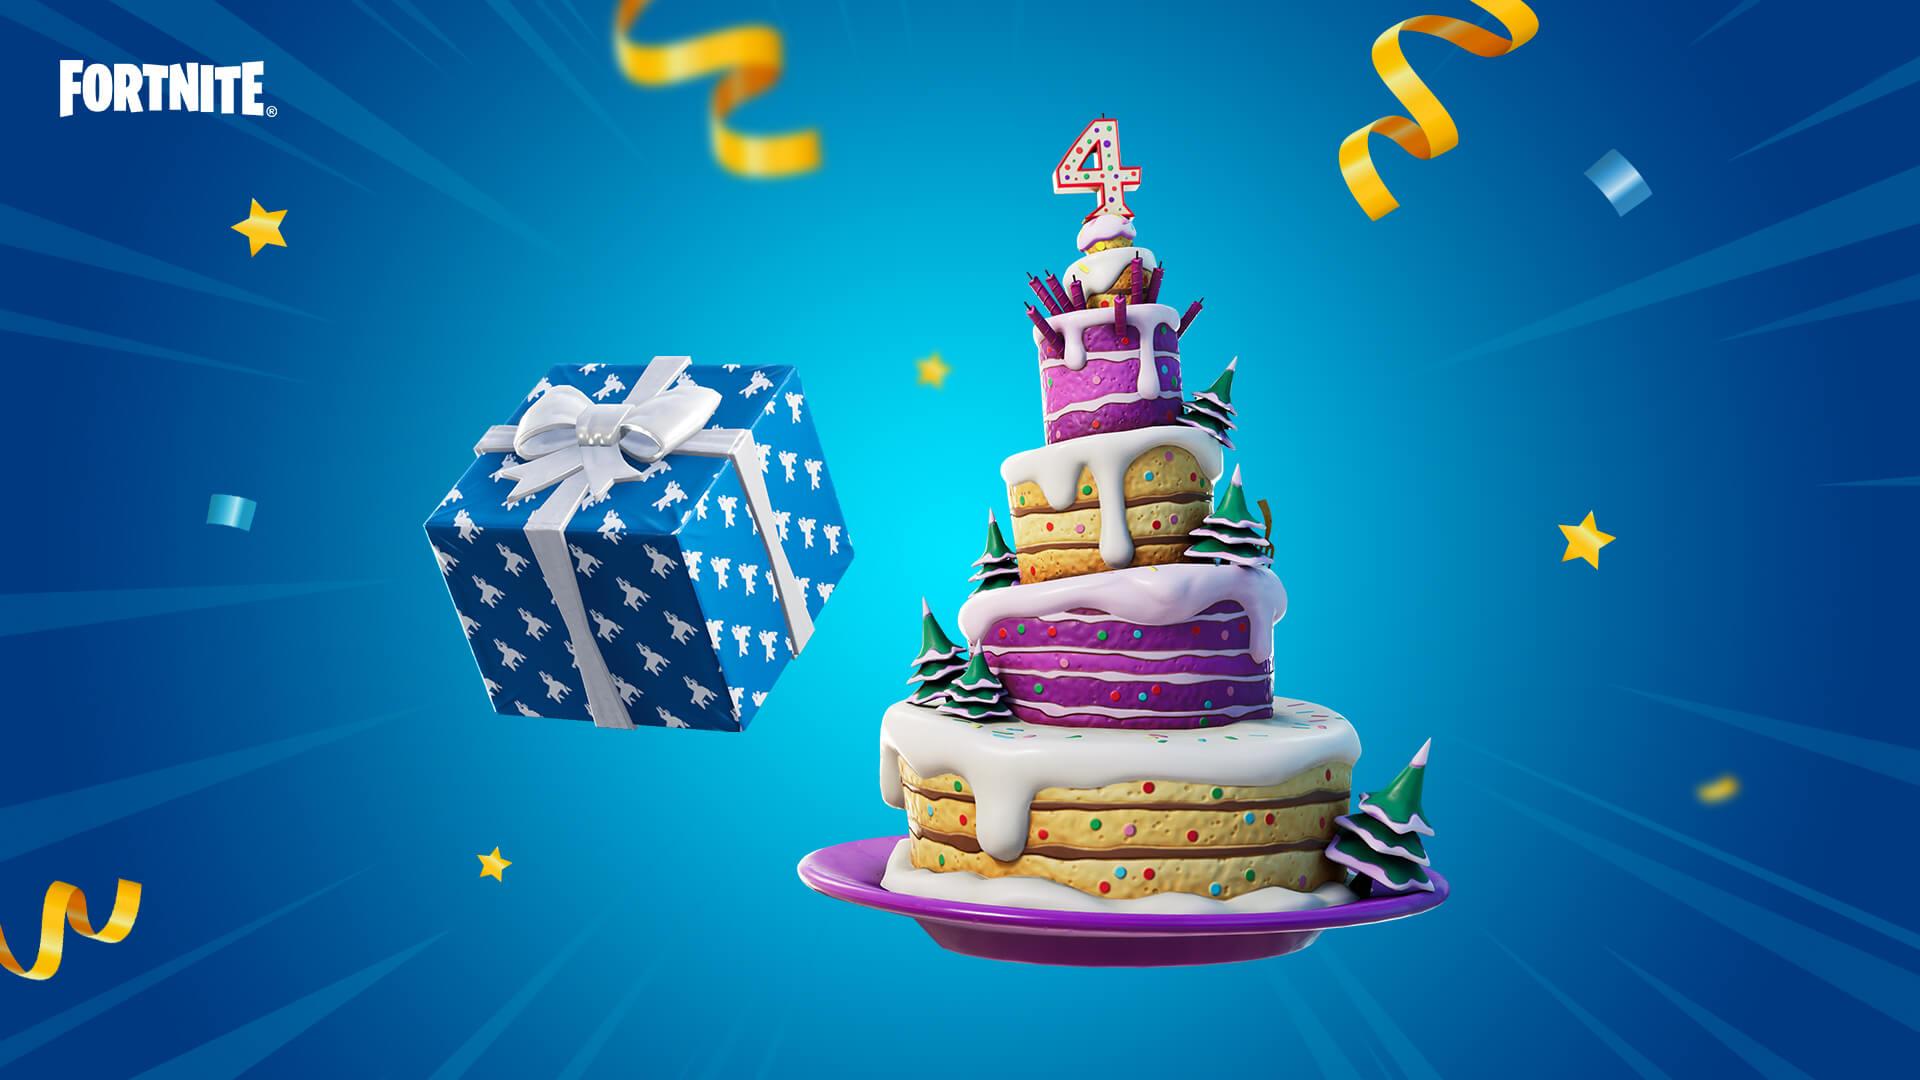 битва фортнайт празднует свое четвертое день рождения 1 - Королевская битва фортнайт празднует день рождения!